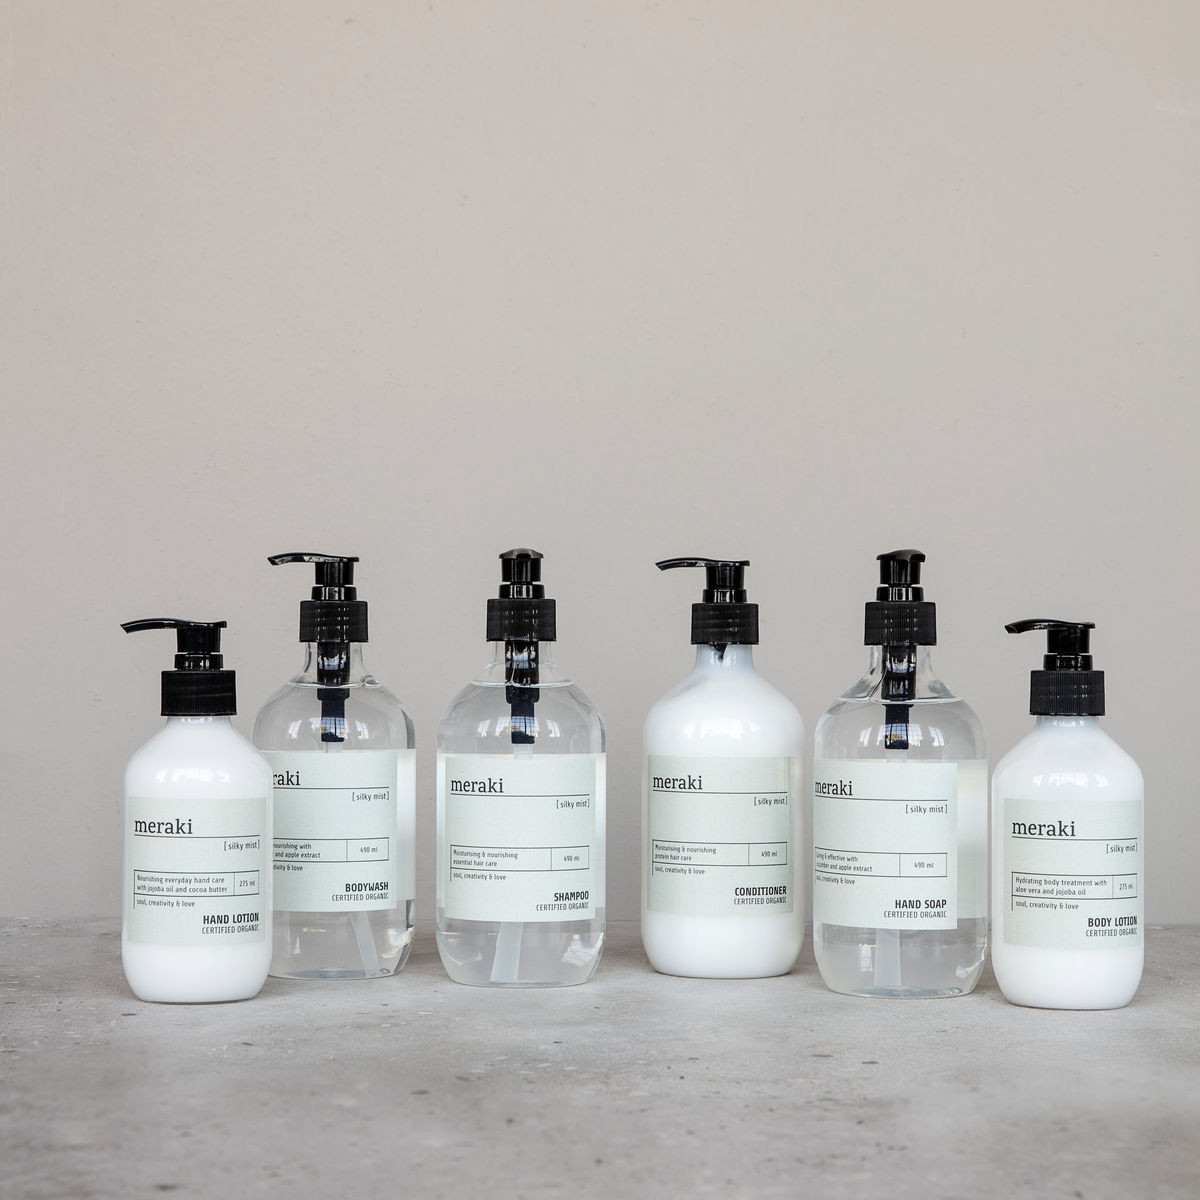 Hand Soap | Silky Mist